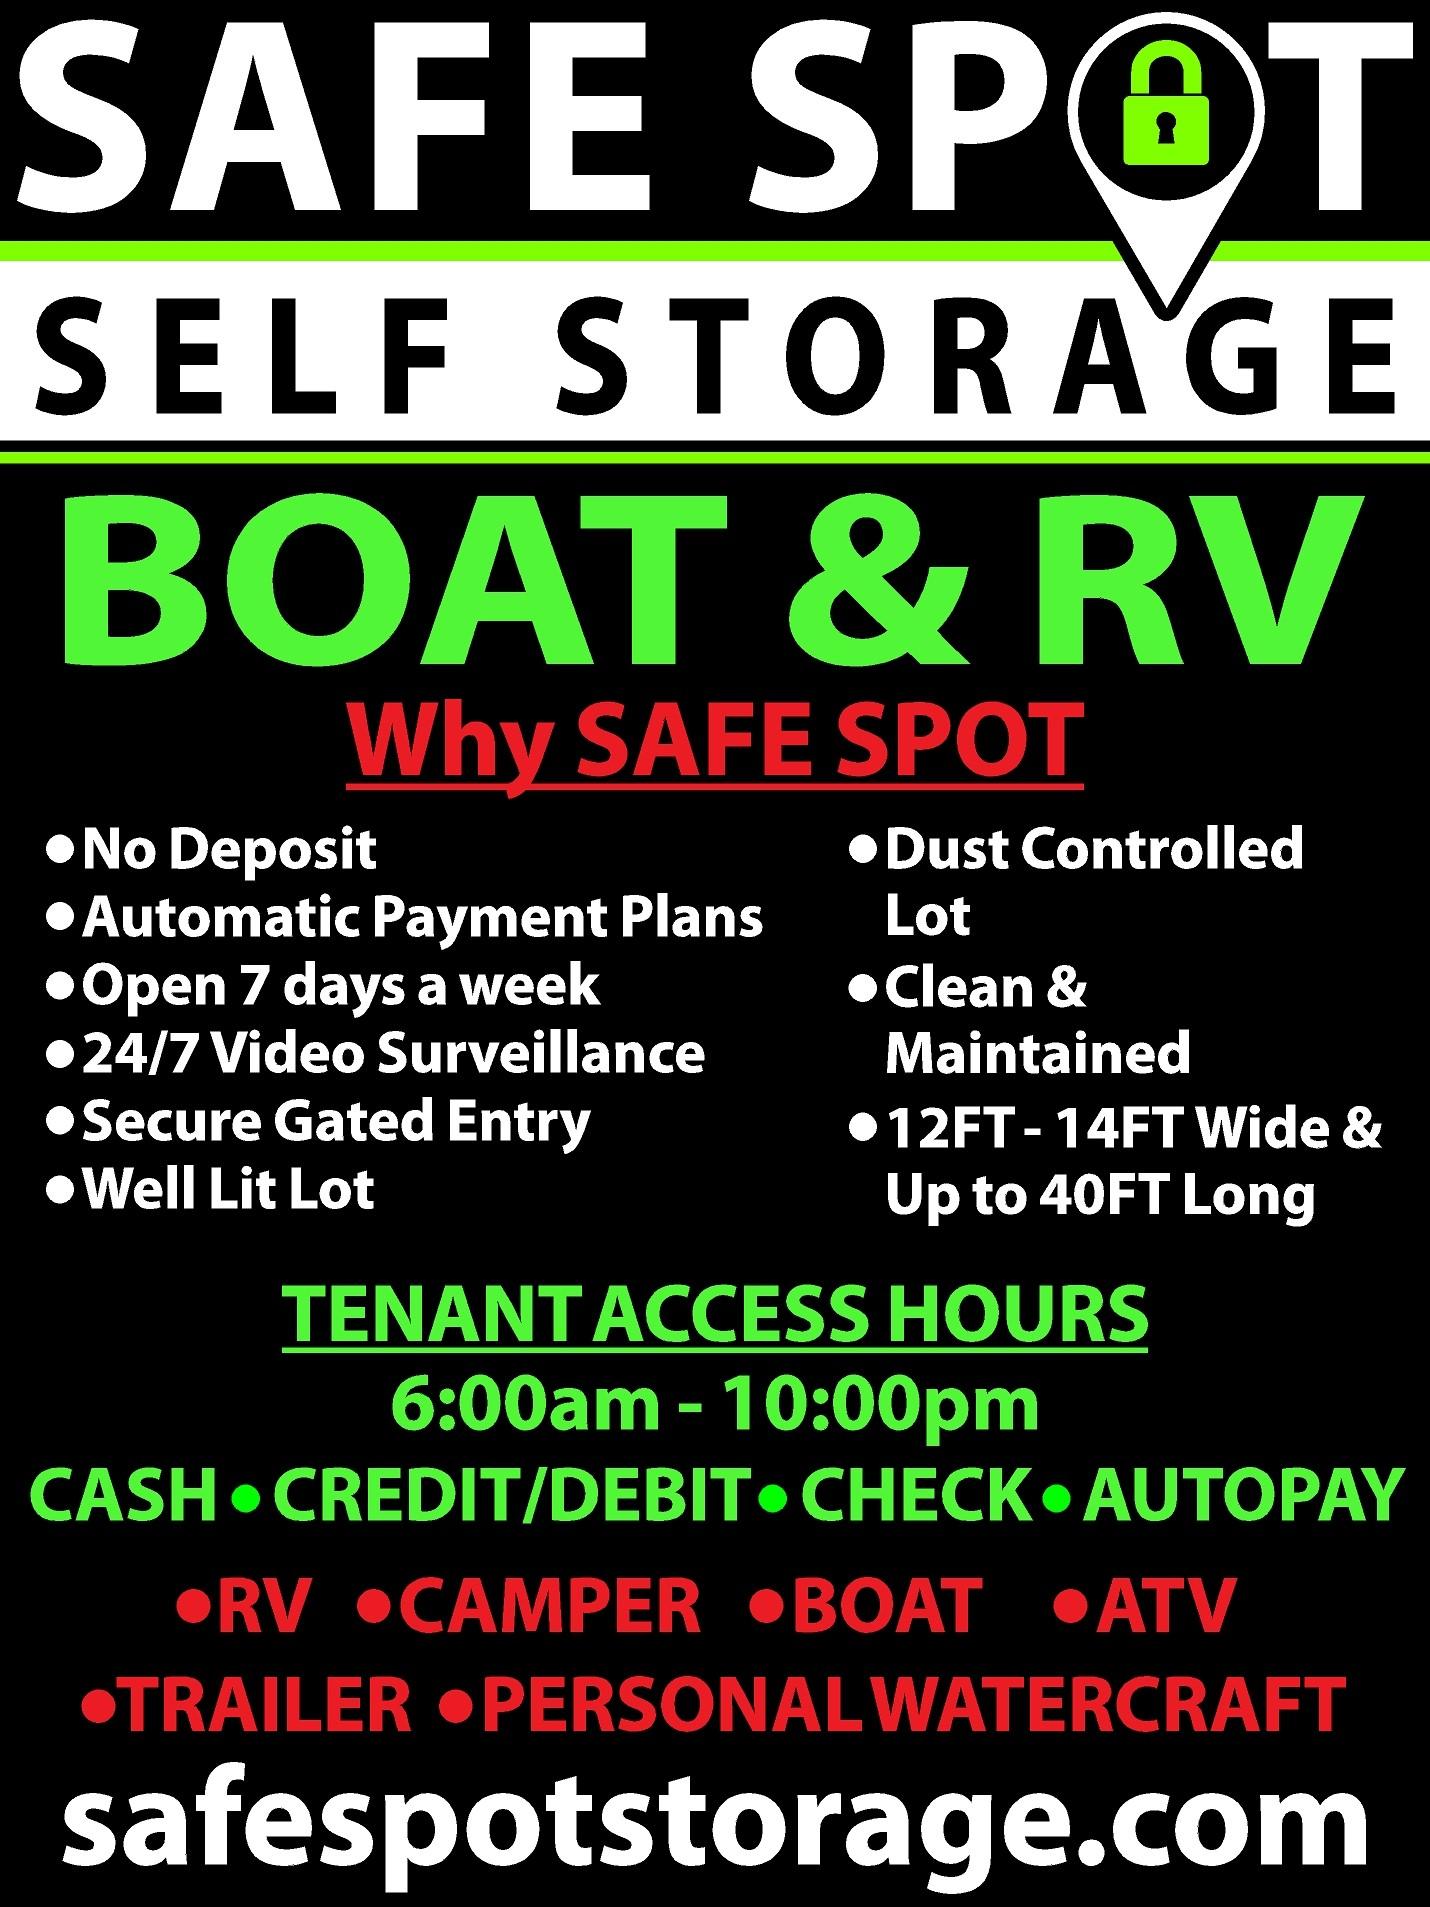 Boat & RV Storage!